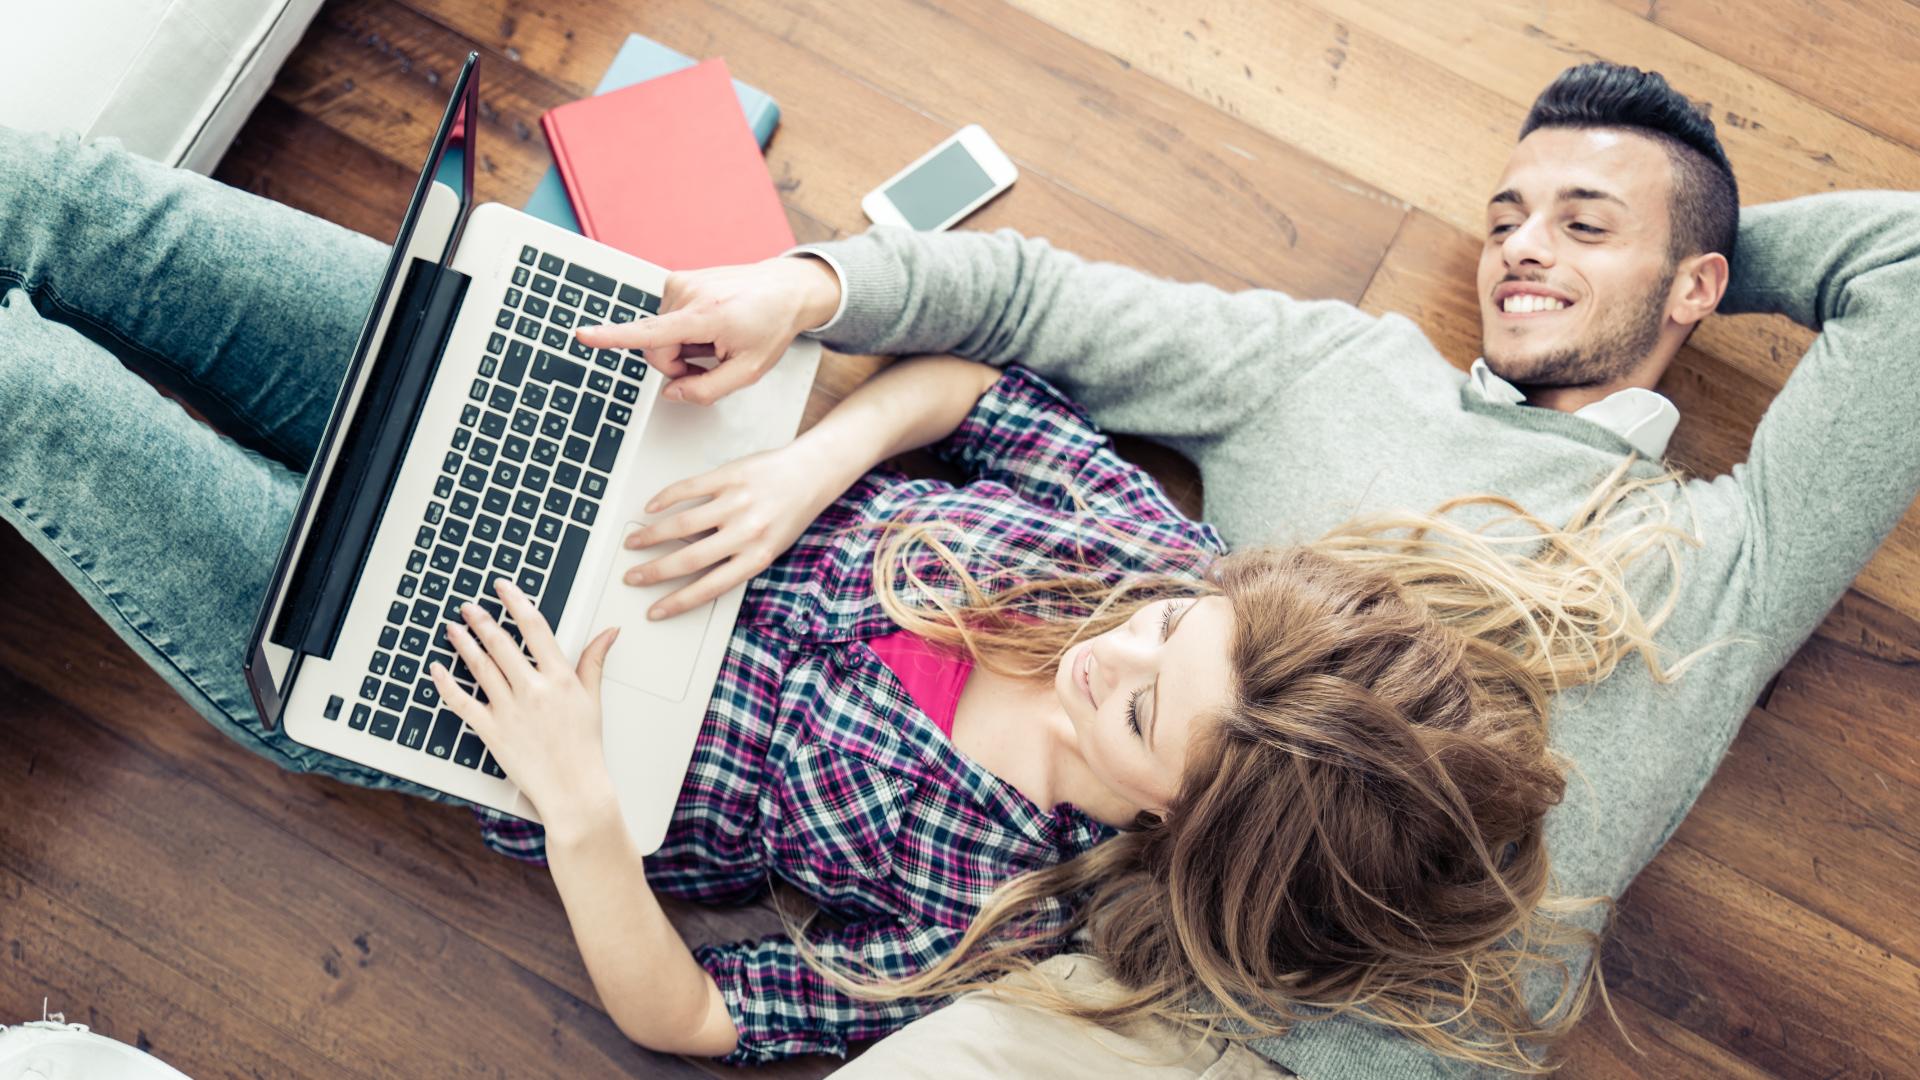 Hoy los Millennials arman su propio hogar digitalmente (iStock)